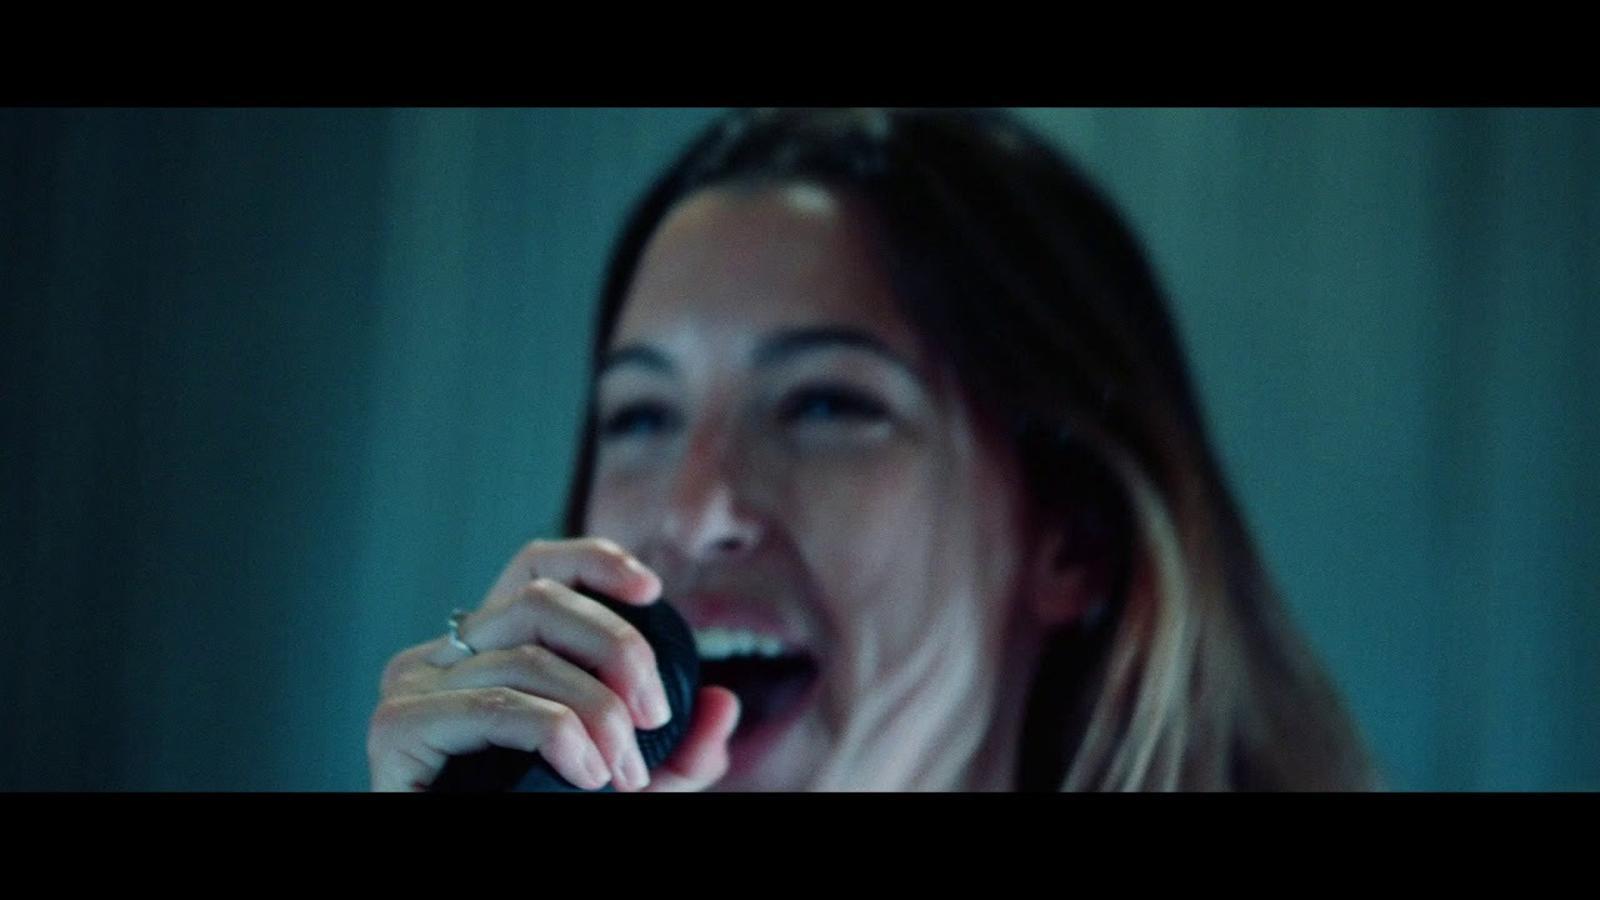 JoKB amb Blu May i Mia Farrés, 'Si hi fes'